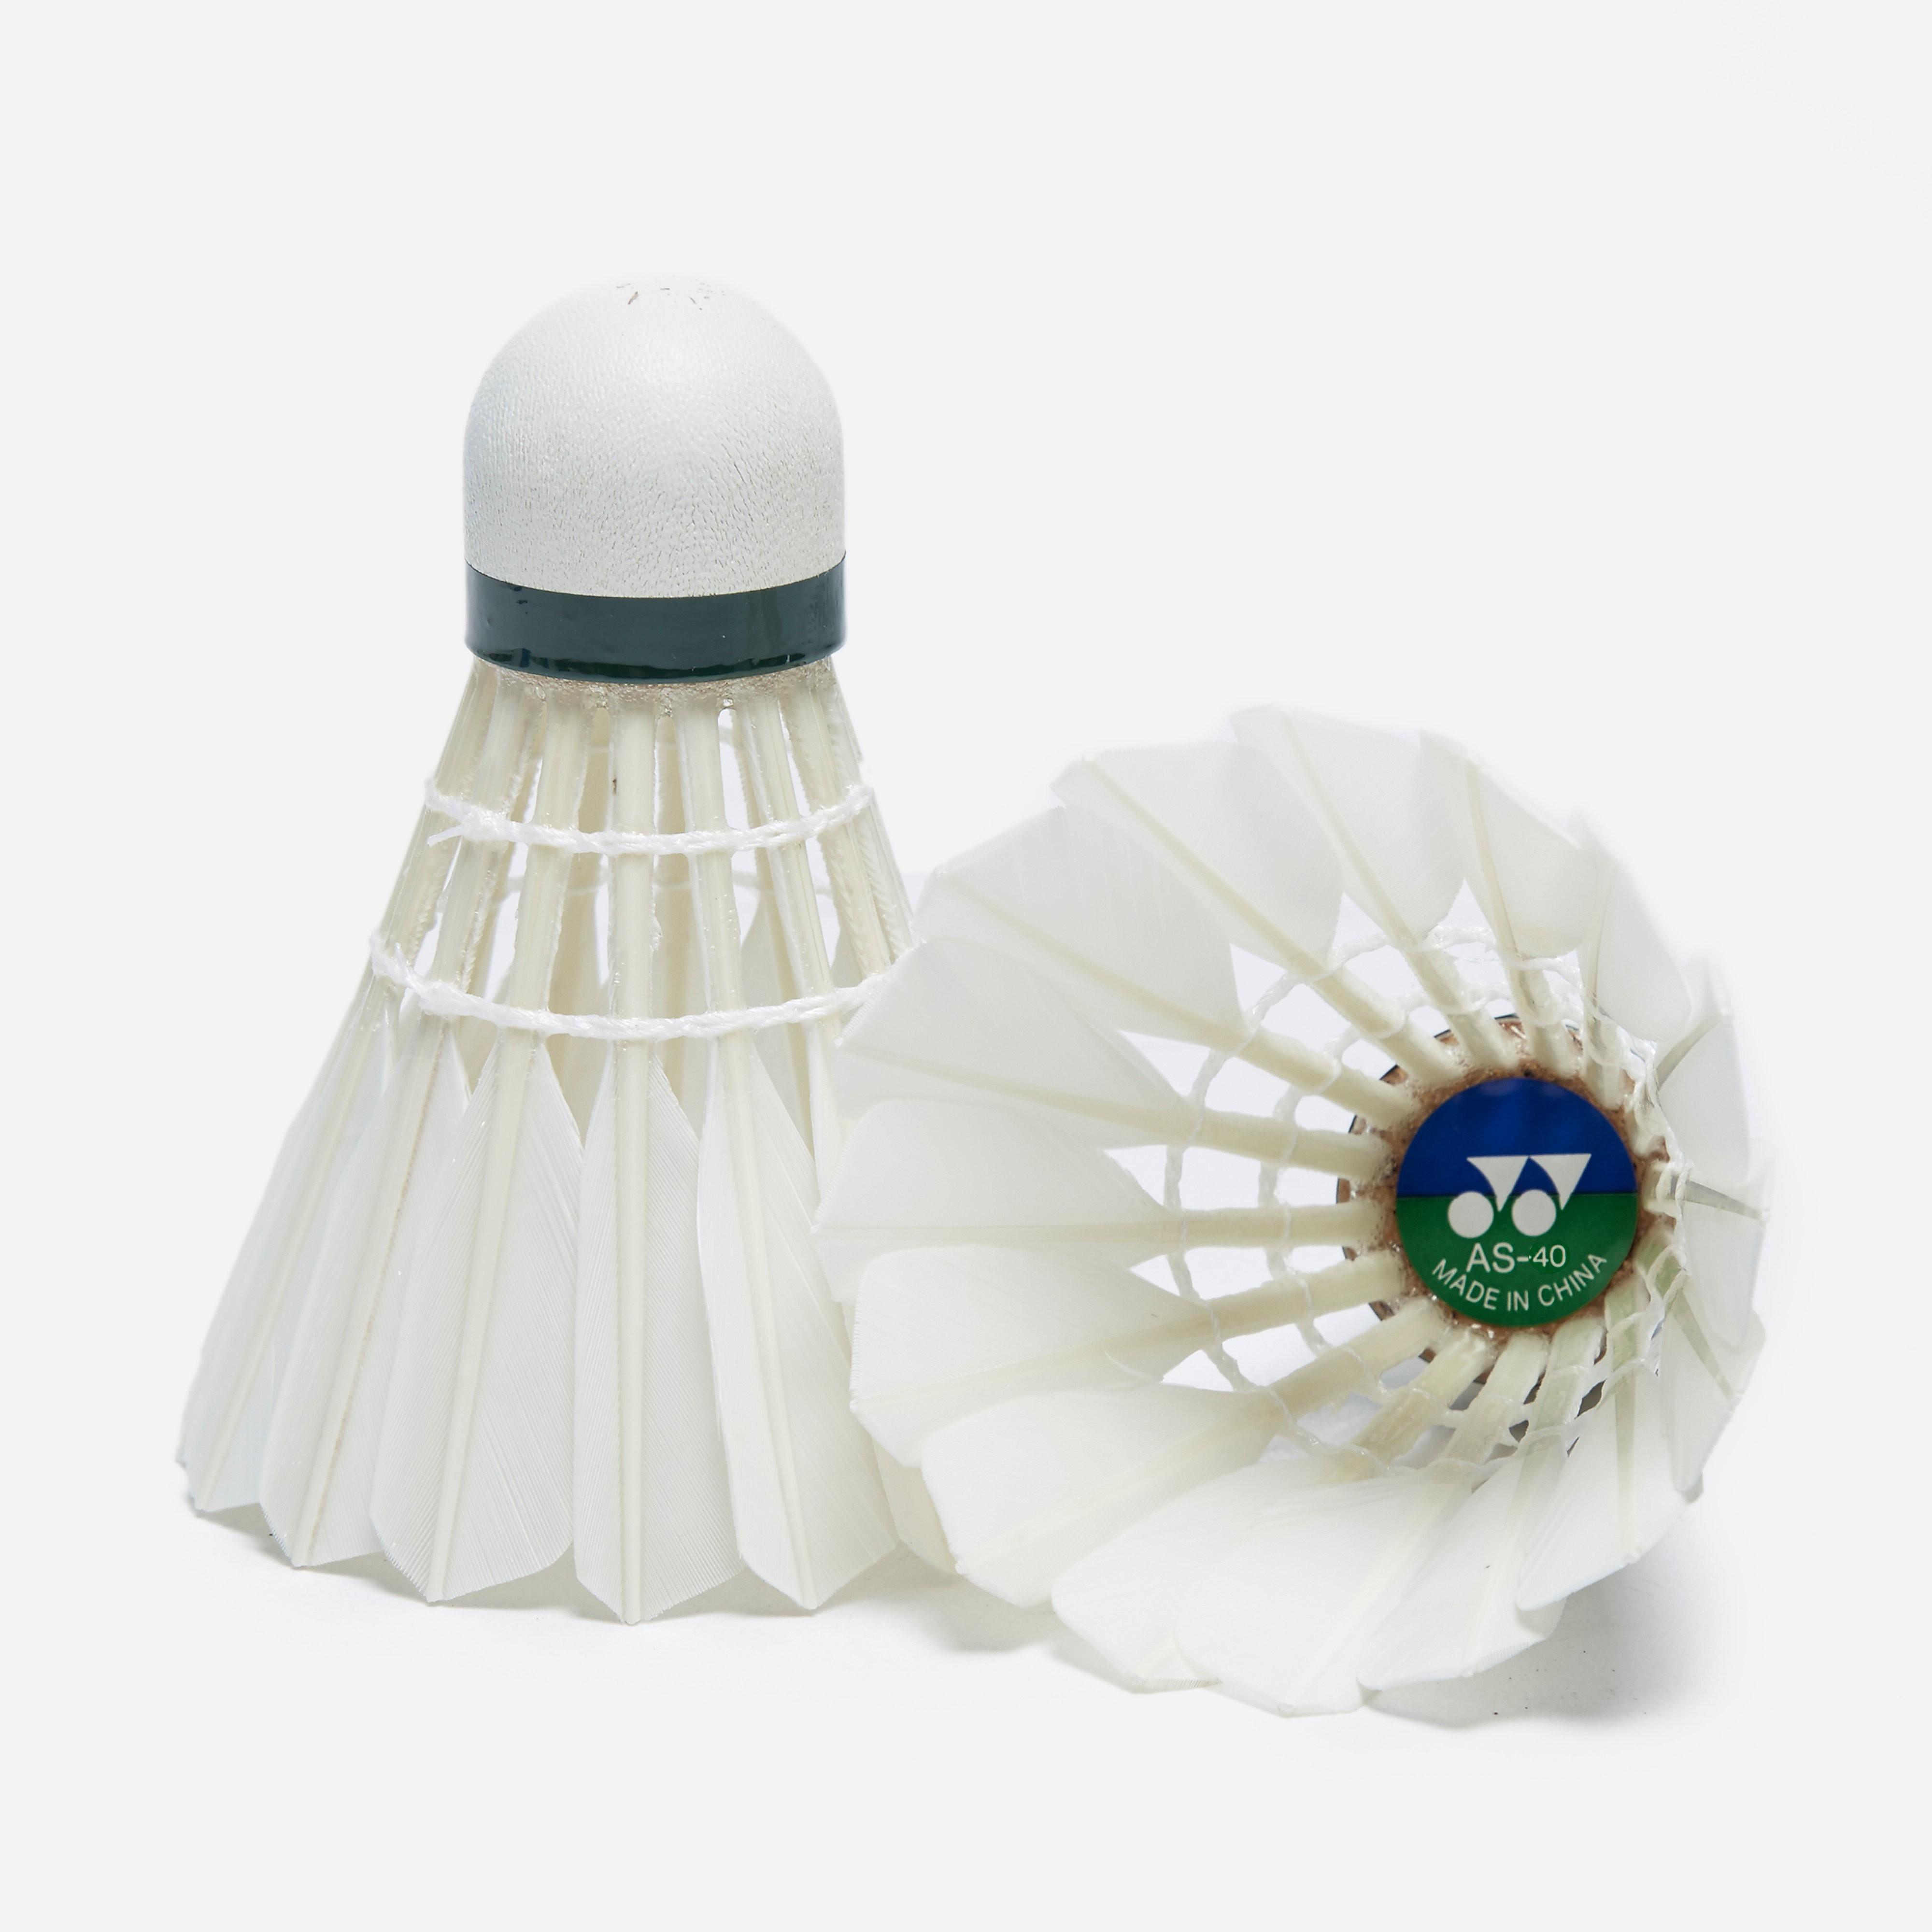 Yonex AeroSensa-40 Goose Feather Badminton Shuttlecocks